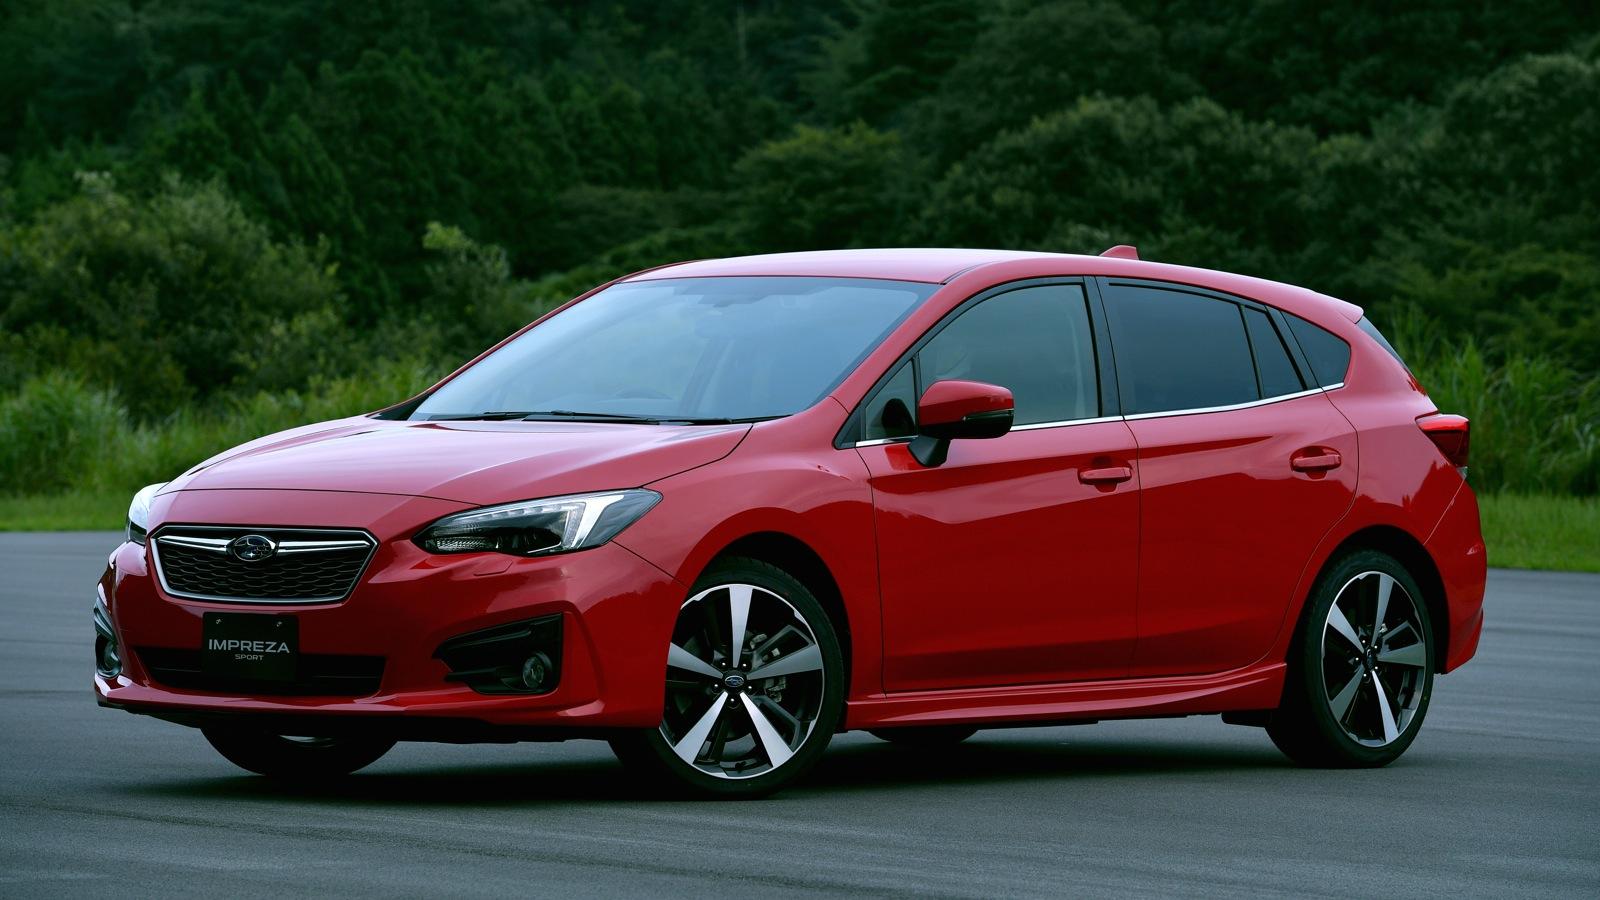 2017 Subaru Impreza Review - photos | CarAdvice